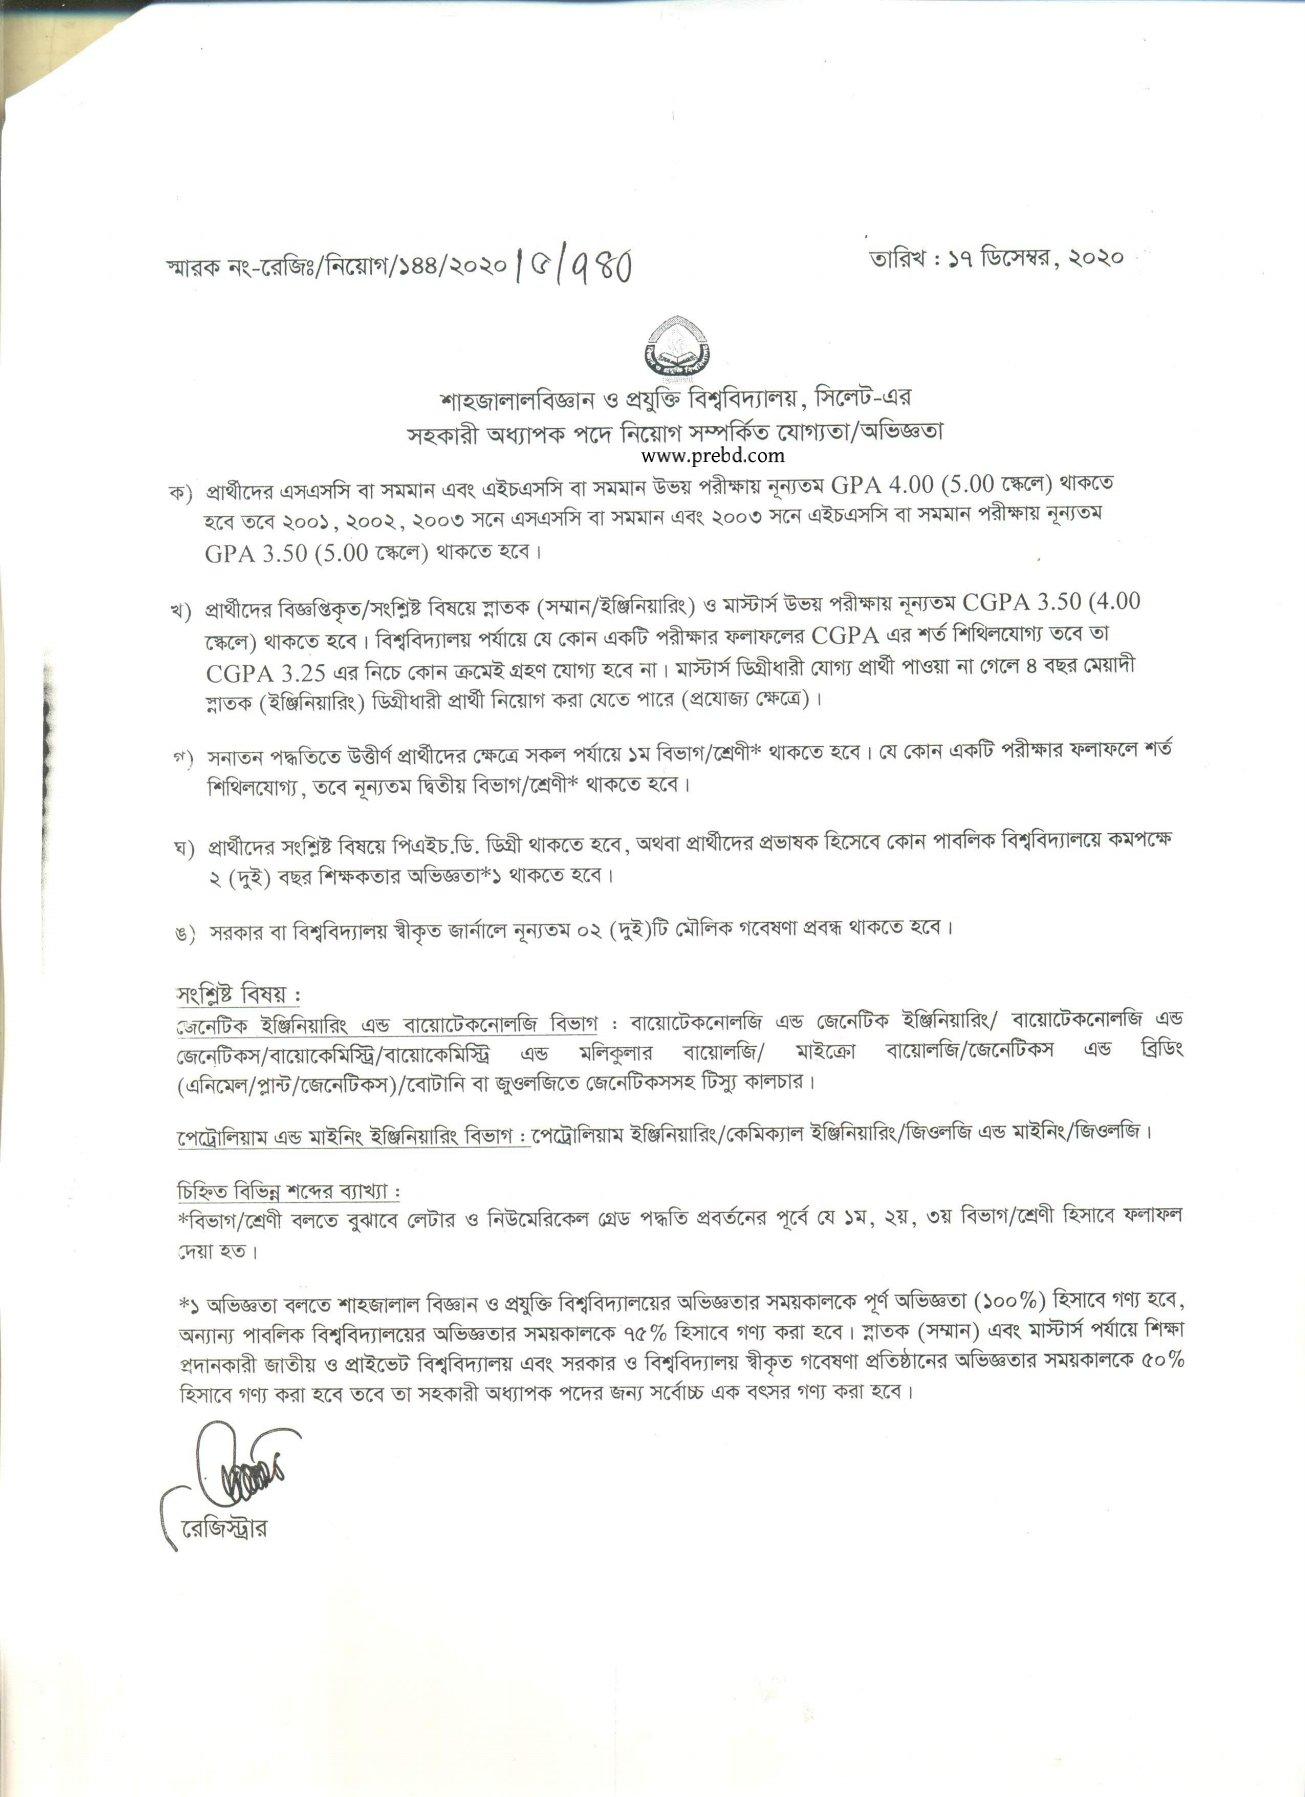 শাহজালাল বিজ্ঞান ও প্রযুক্তি বিশ্ববিদ্যালয় (SUST) এ বিভিন্ন পদে নিয়োগ বিজ্ঞপ্তি ২০২১